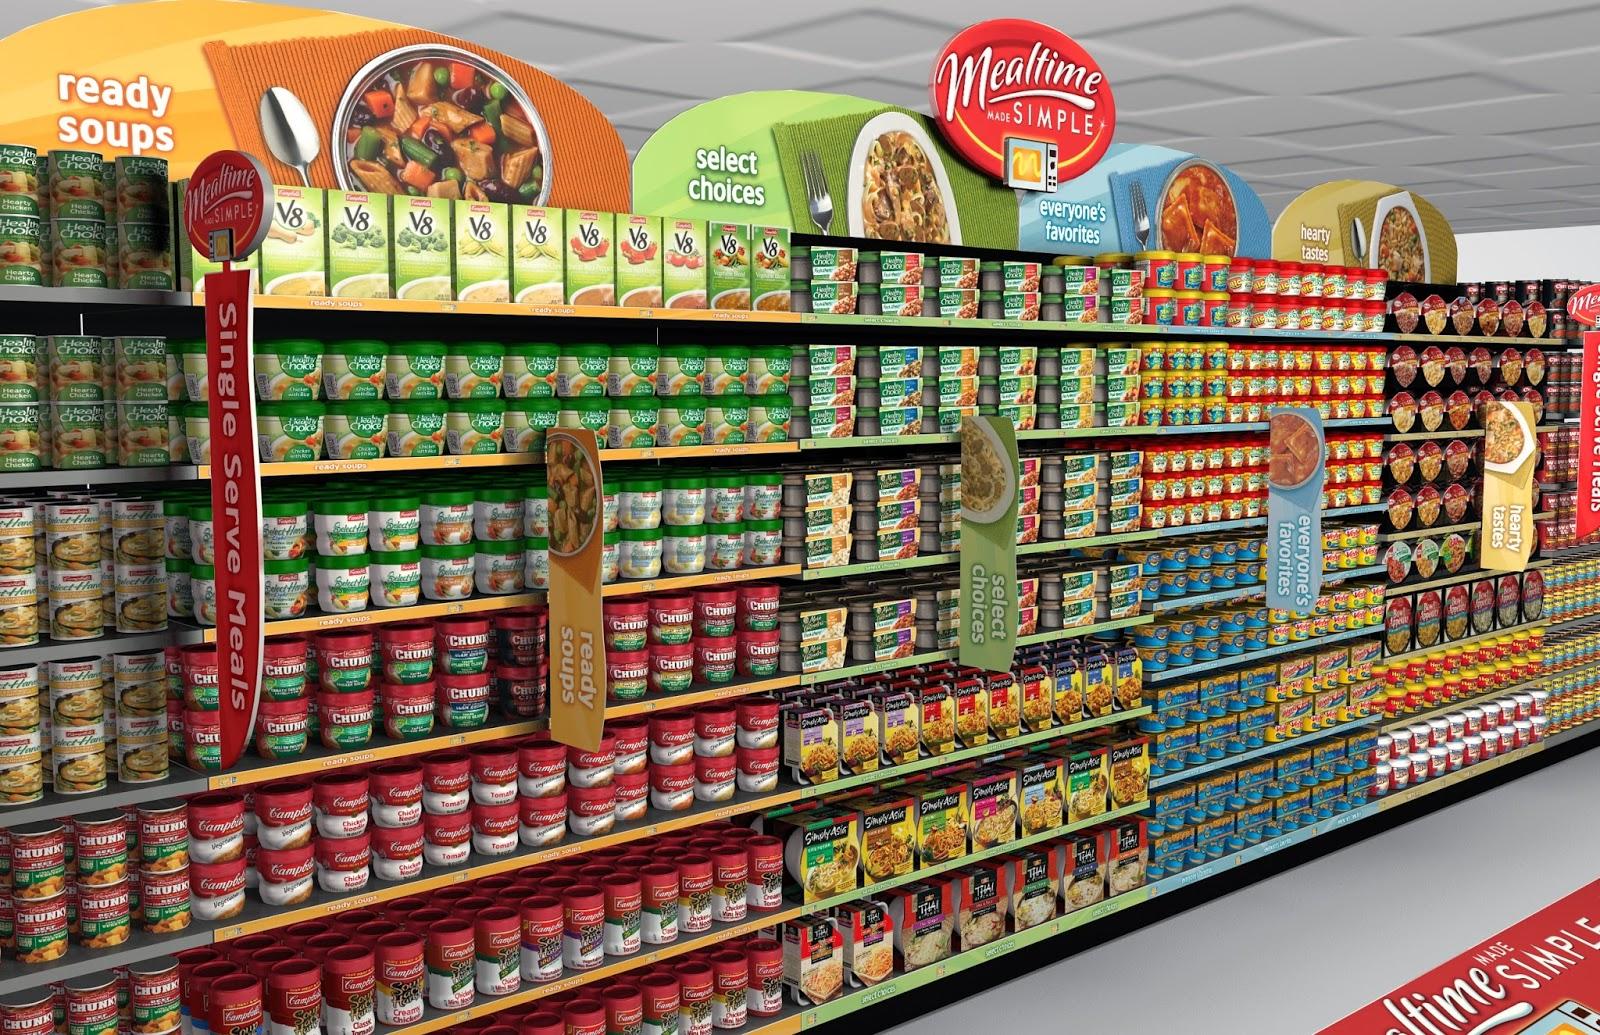 Giá kệ siêu thị giải pháp sắp xếp hàng hóa tiện lợi